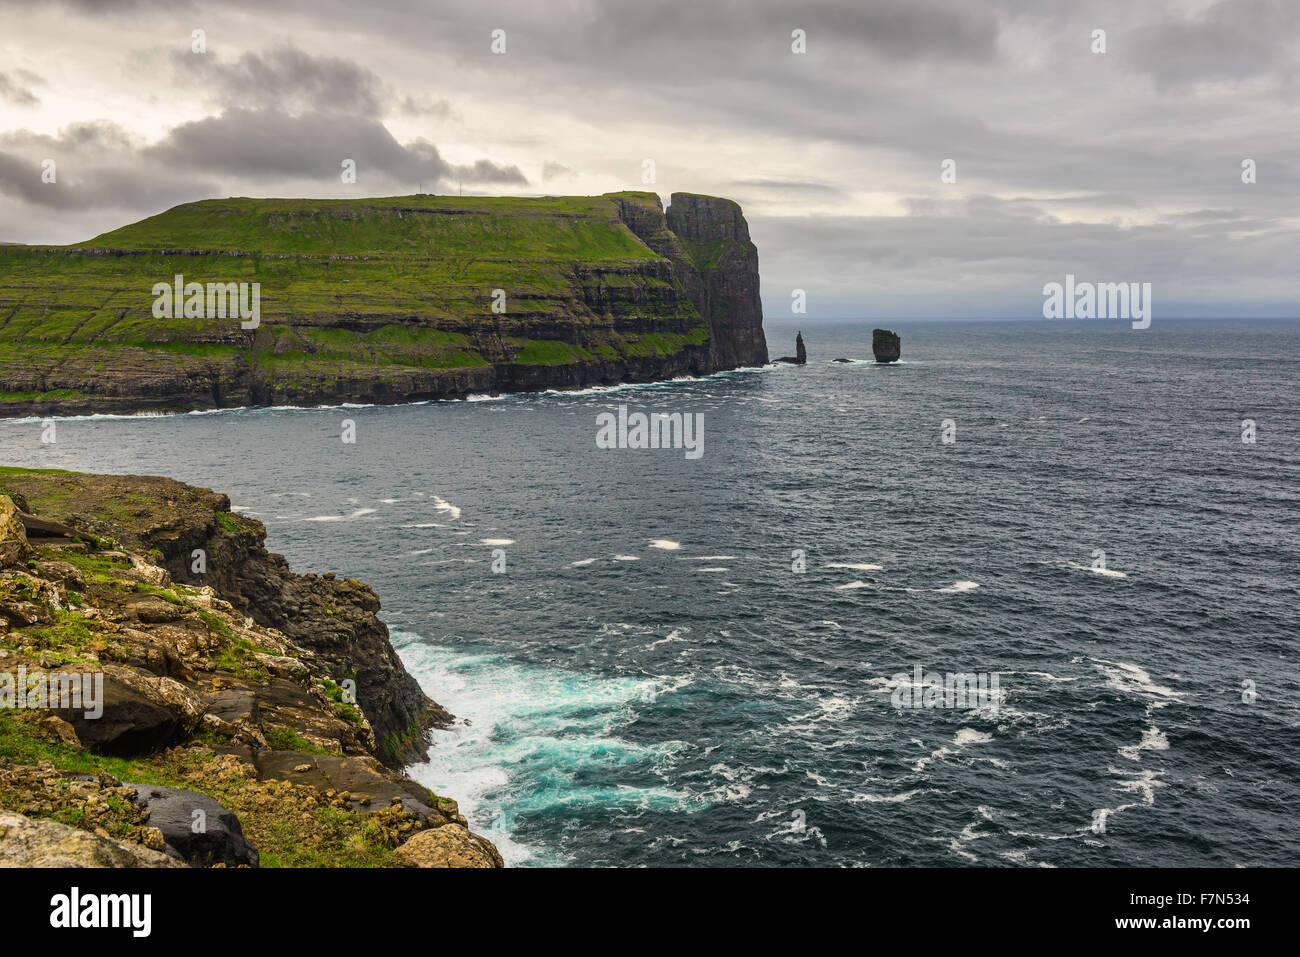 Giant Sea Cliff et piles de la mer peu après tempête des îles Féroé. Photo Stock